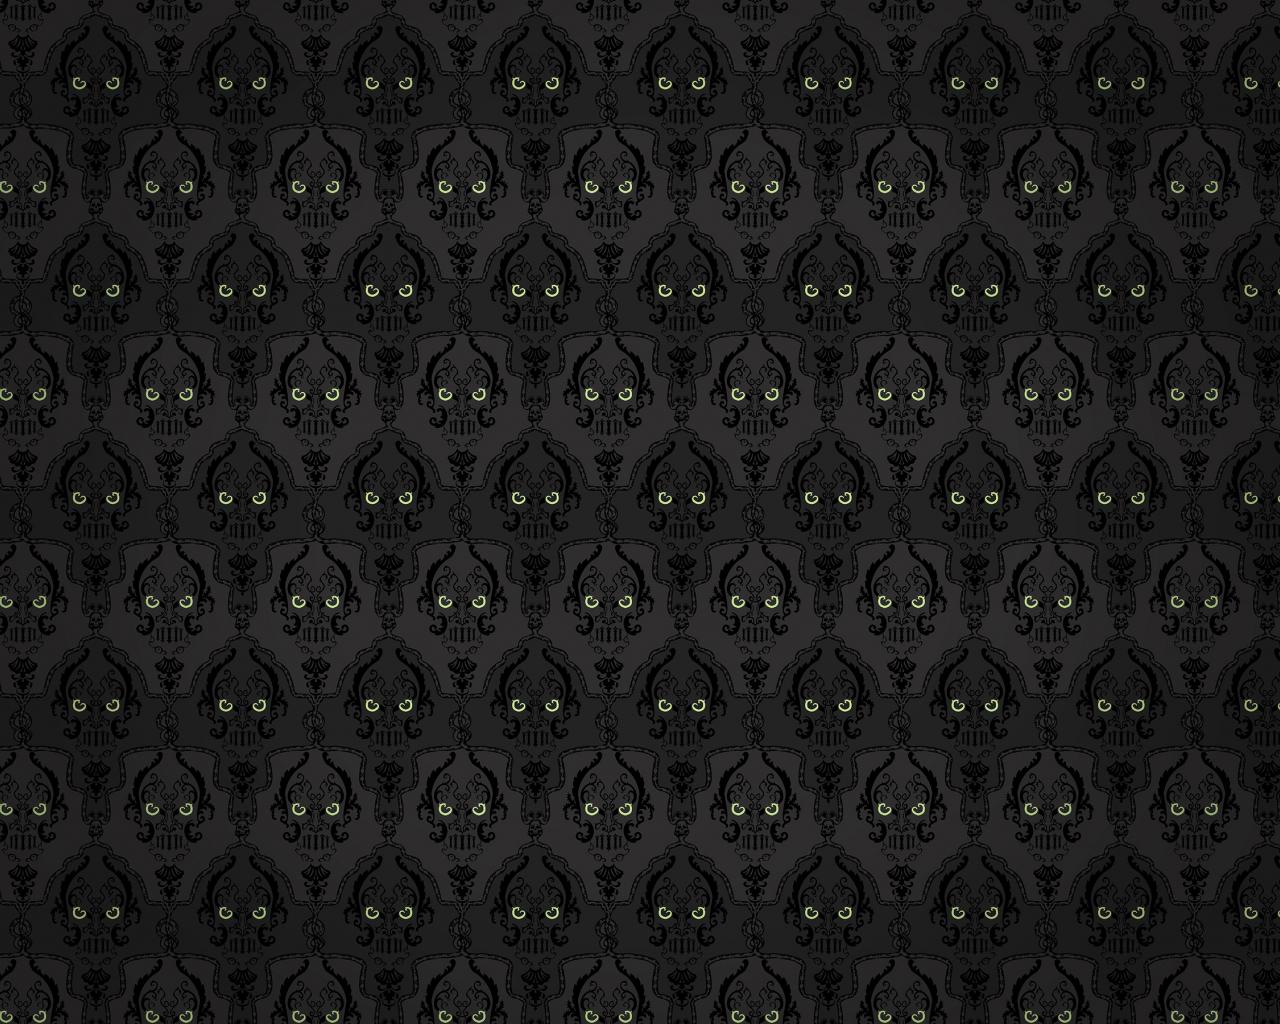 Victorian Gothic Wallpaper Patterns